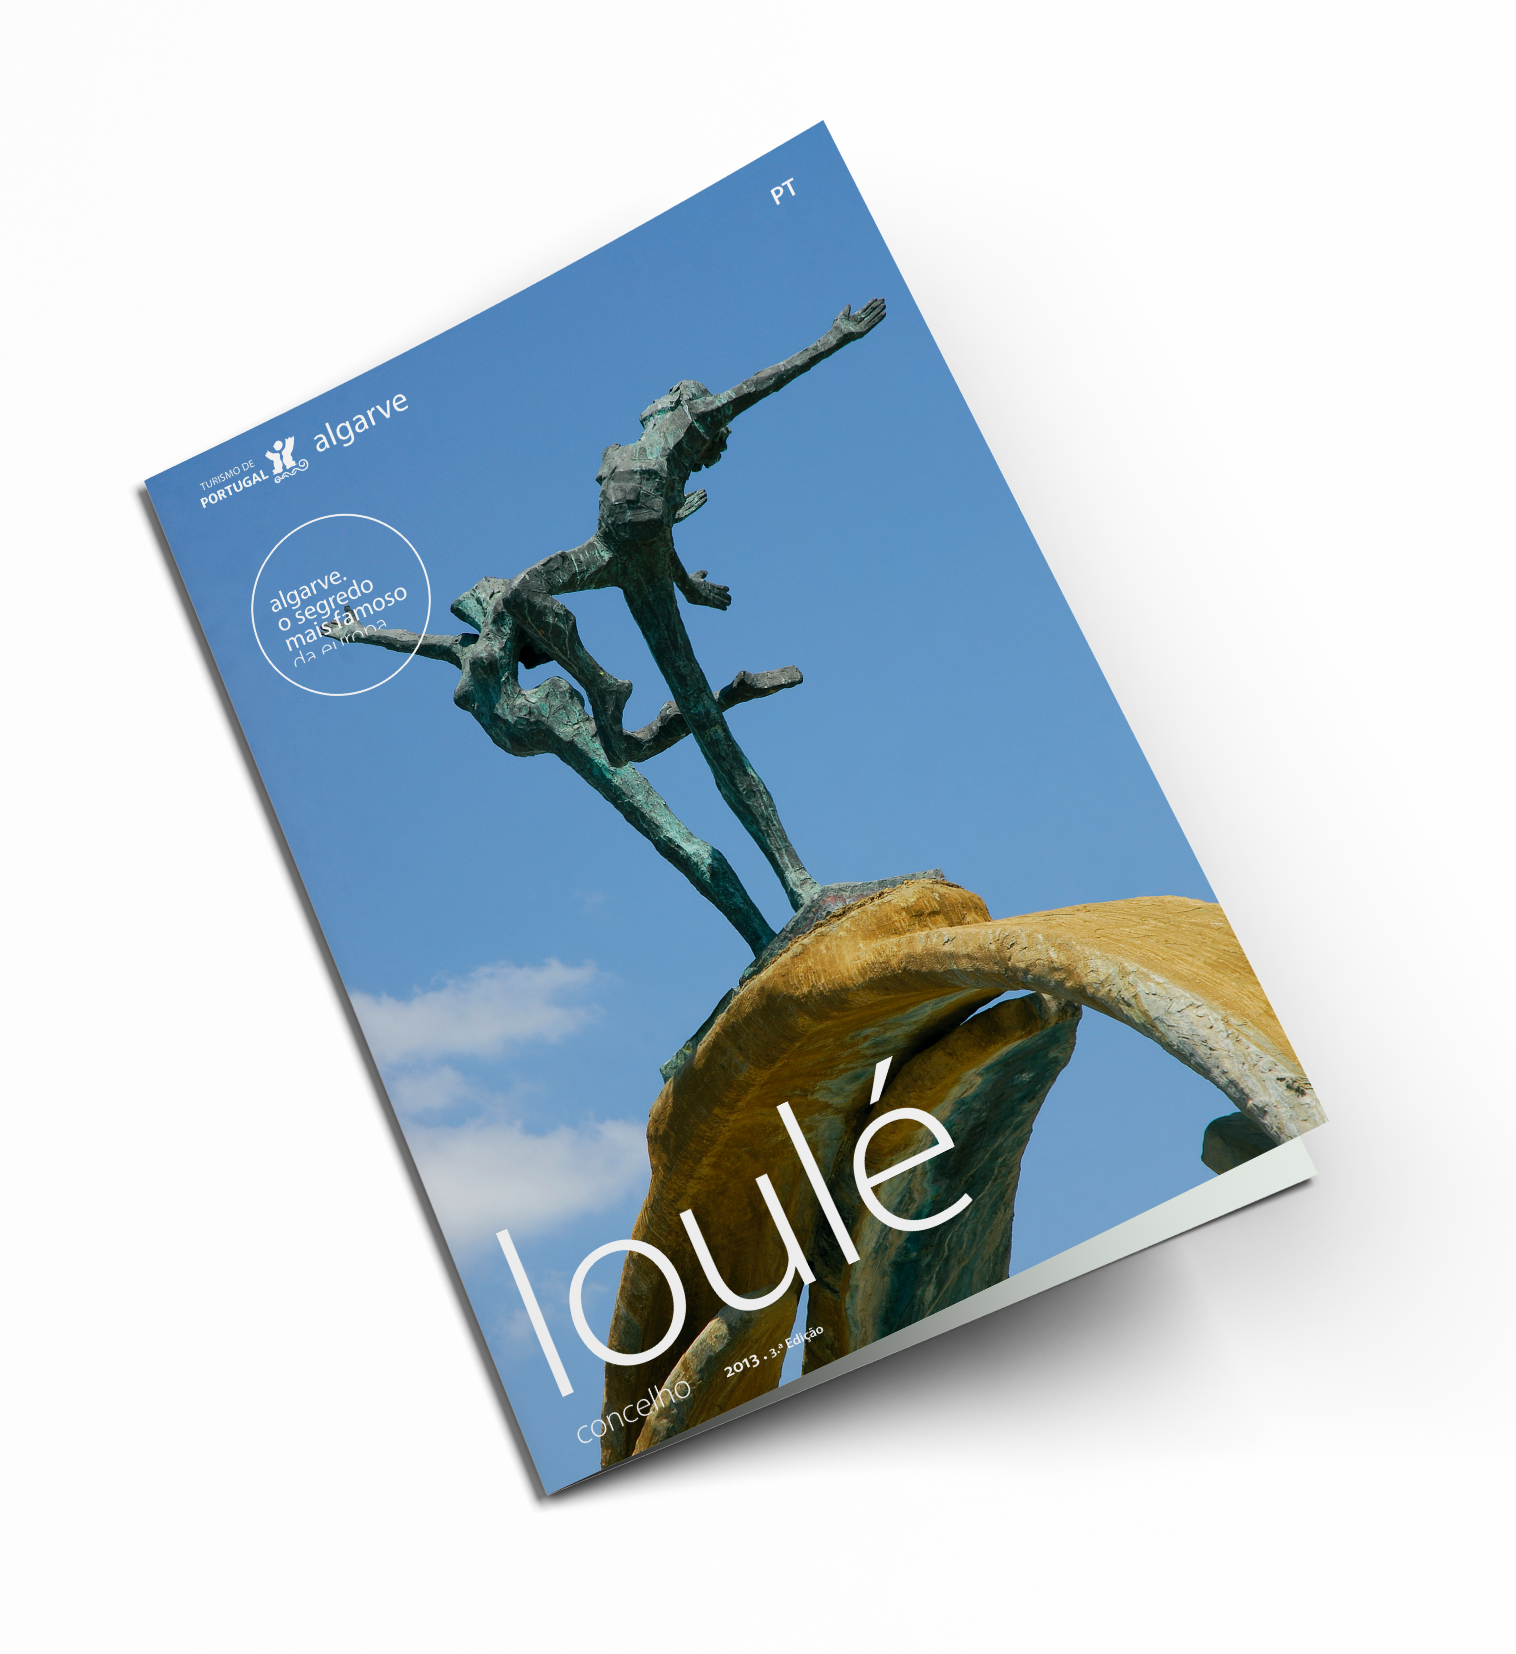 Folheto Concelhio de Loulé